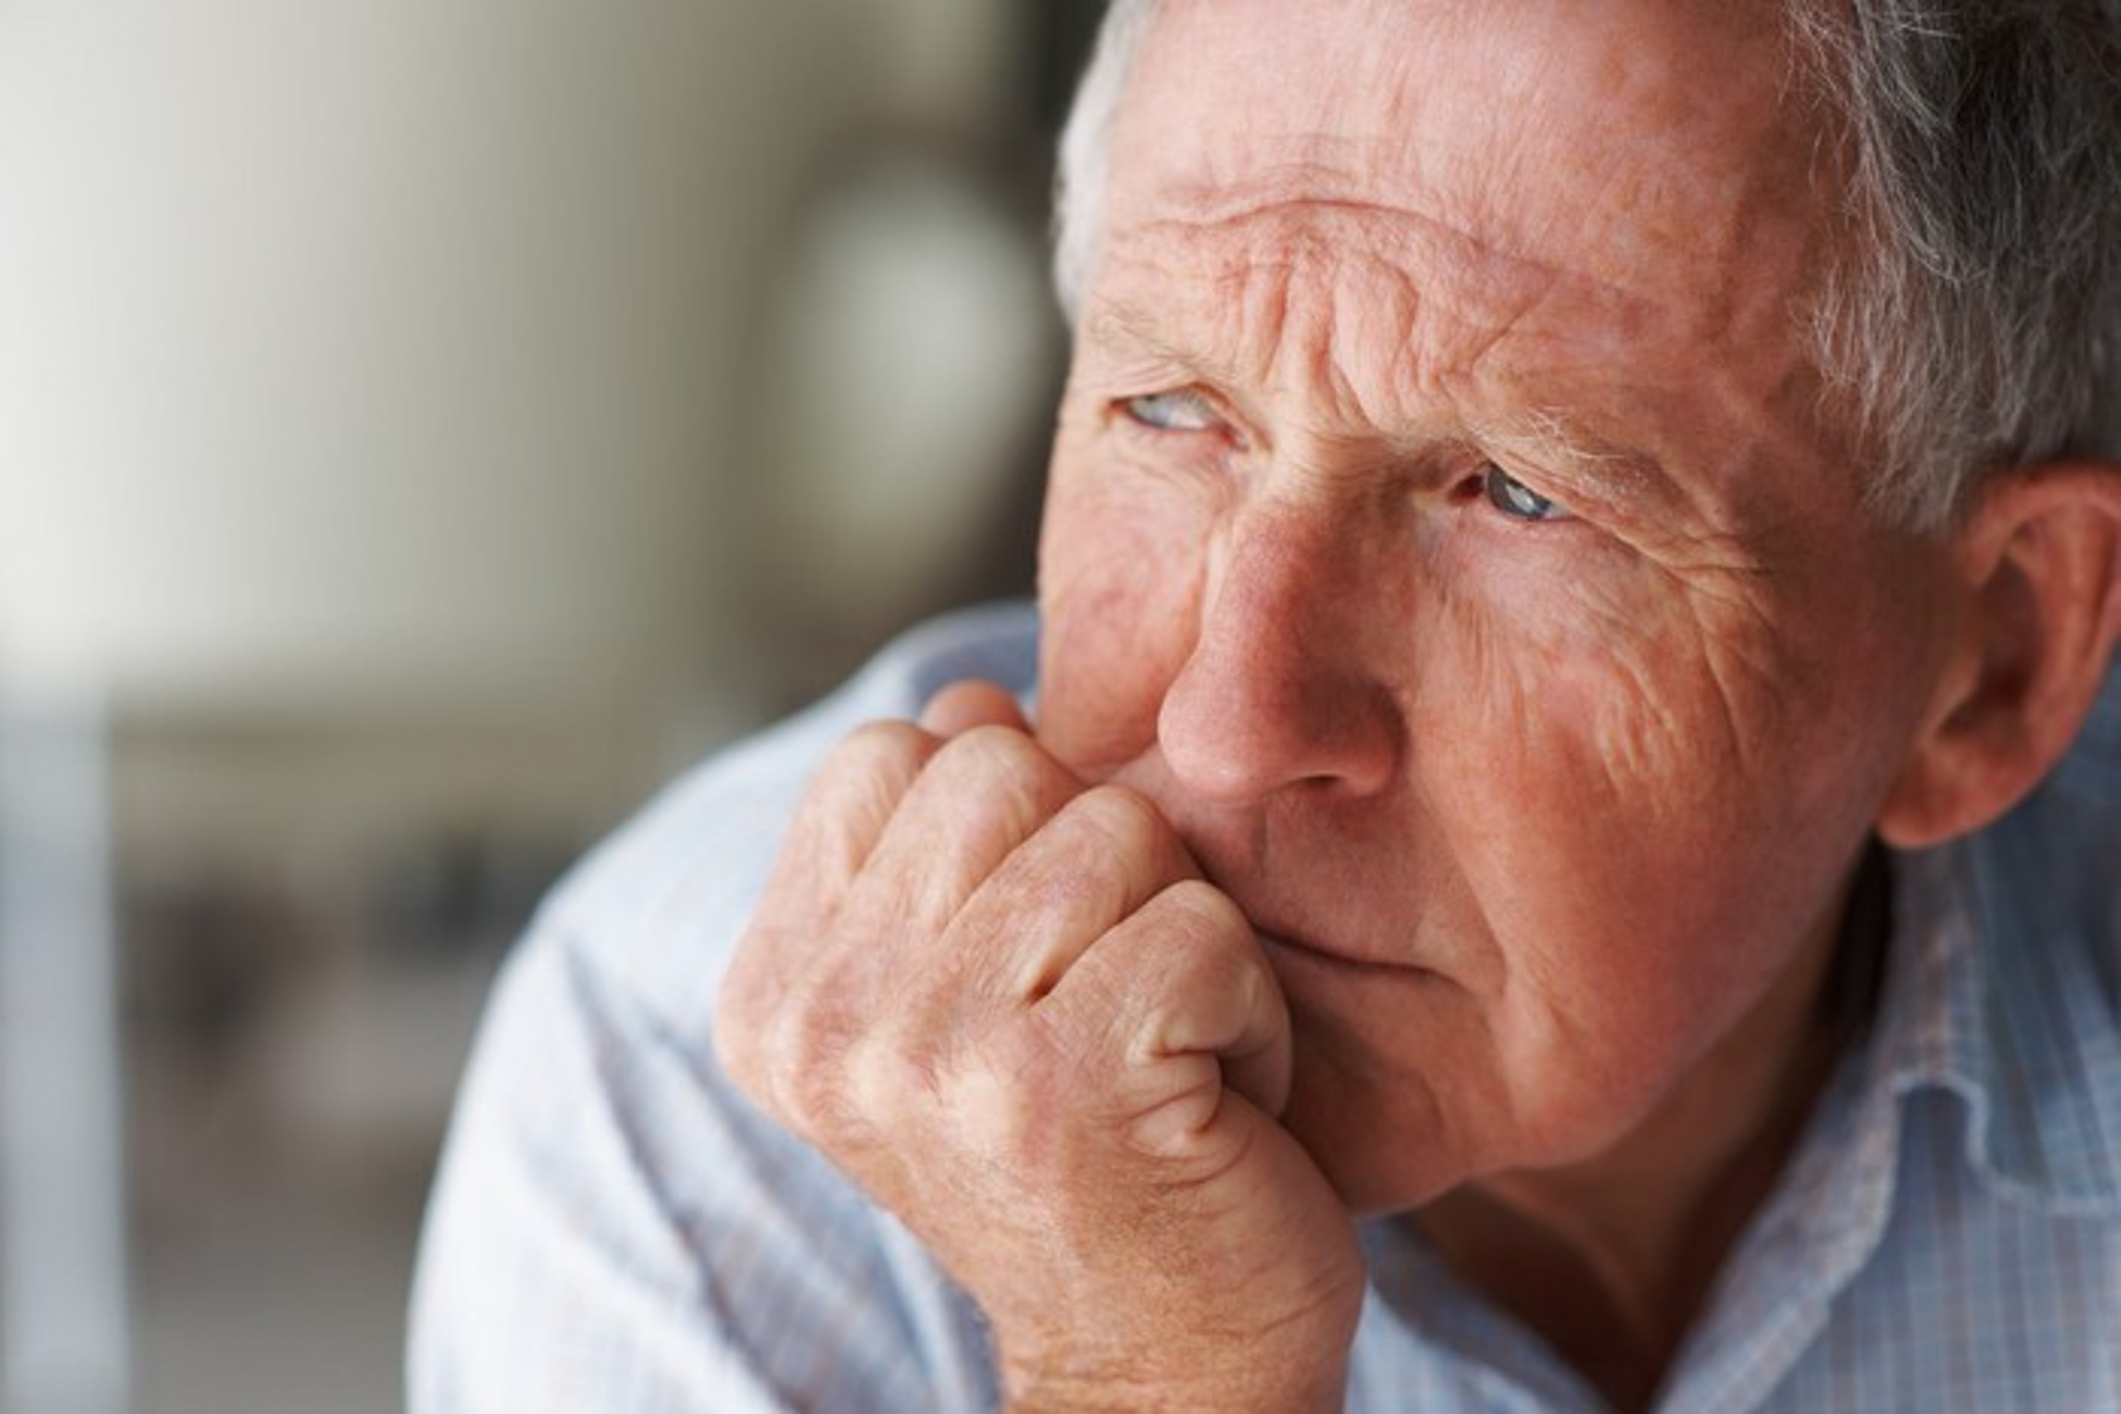 A worried elderly man.